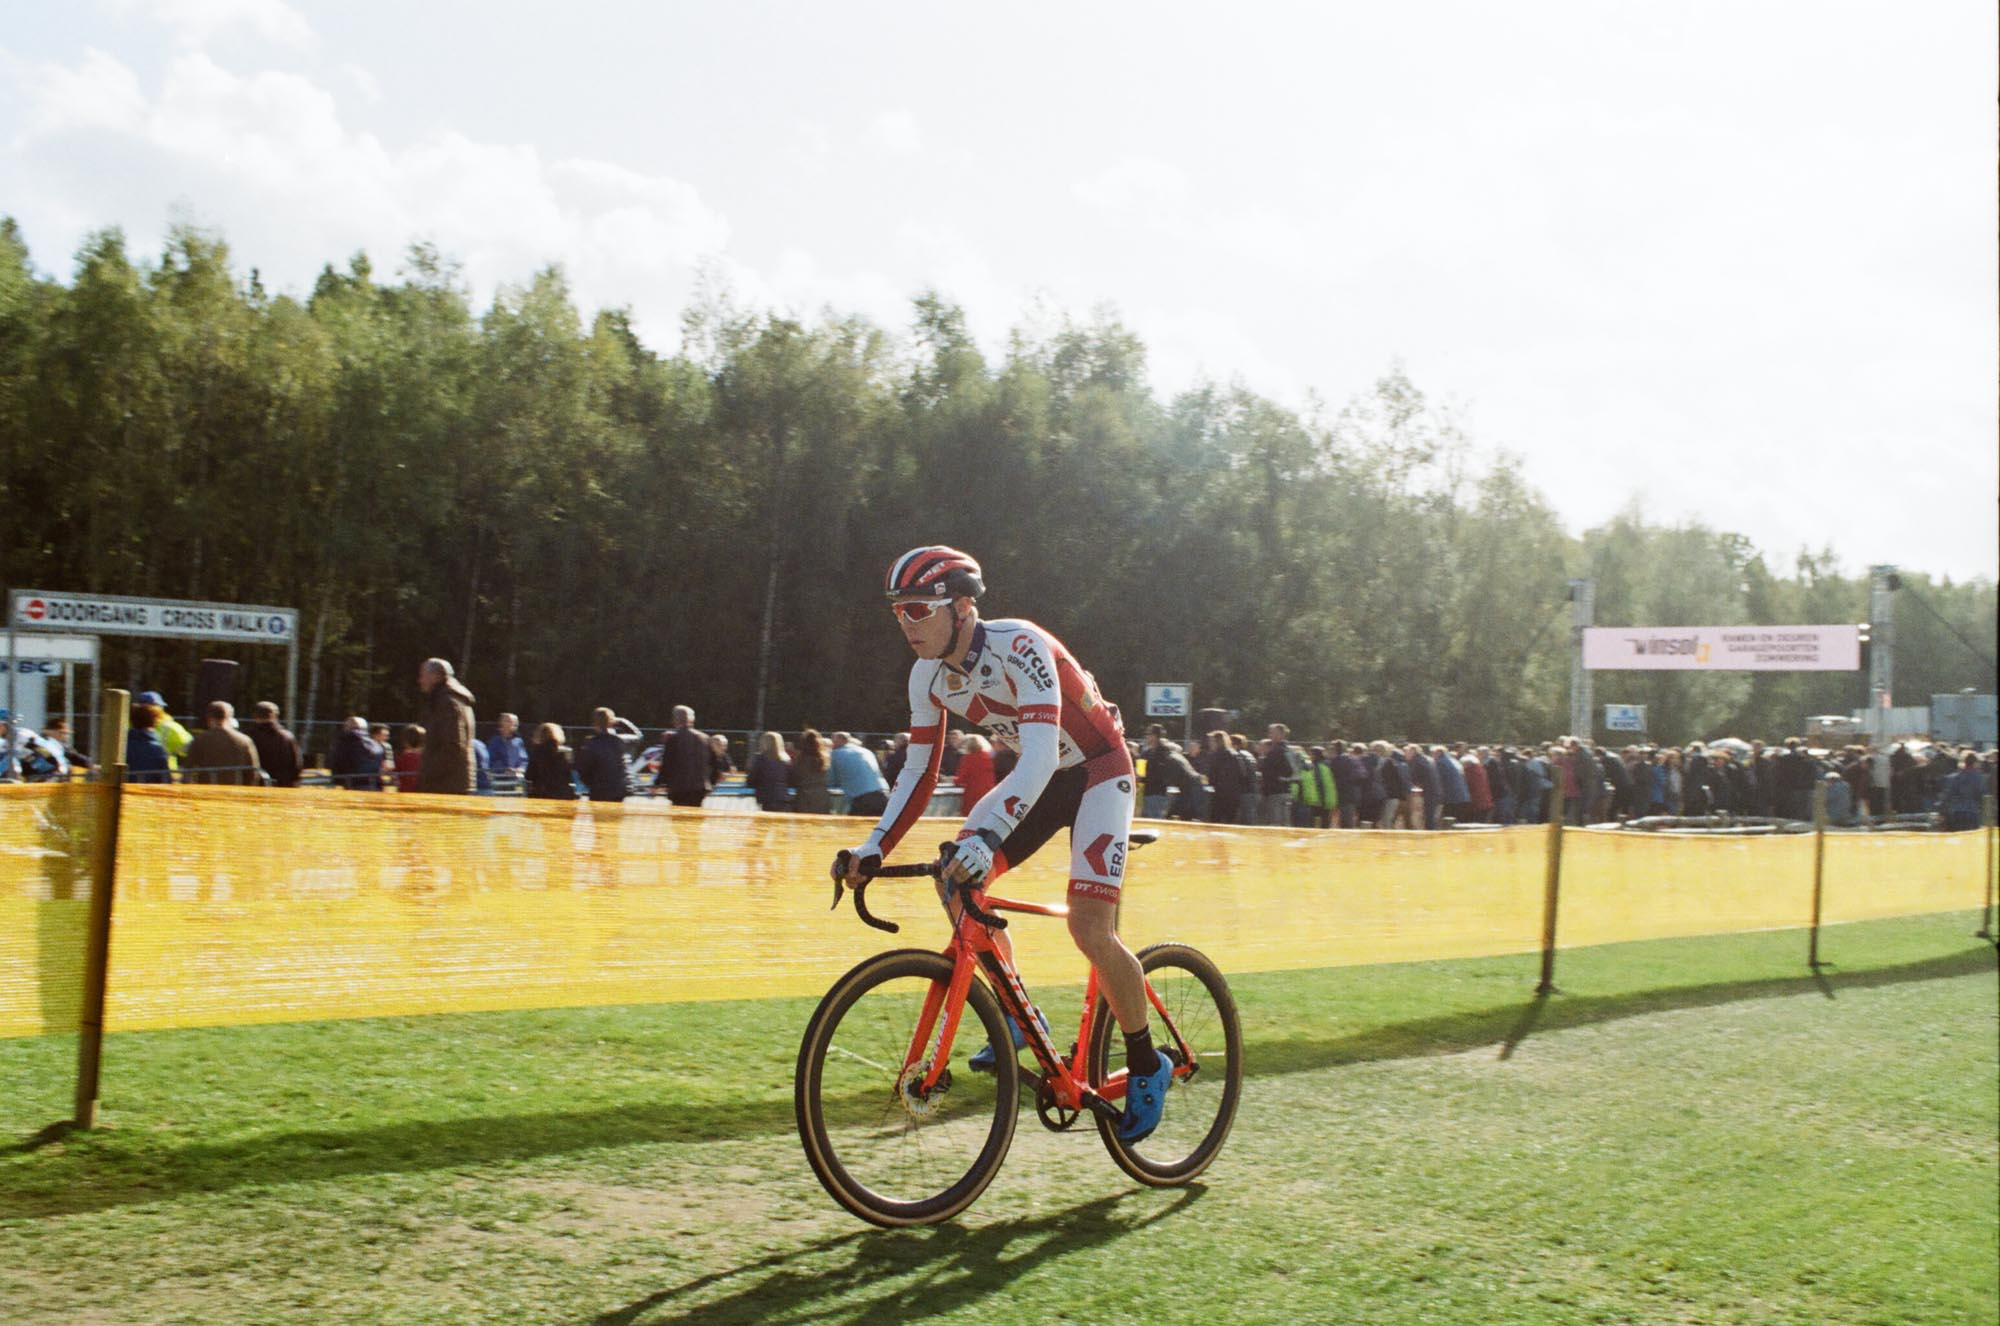 met helmets cyclocross era circus 000469090008